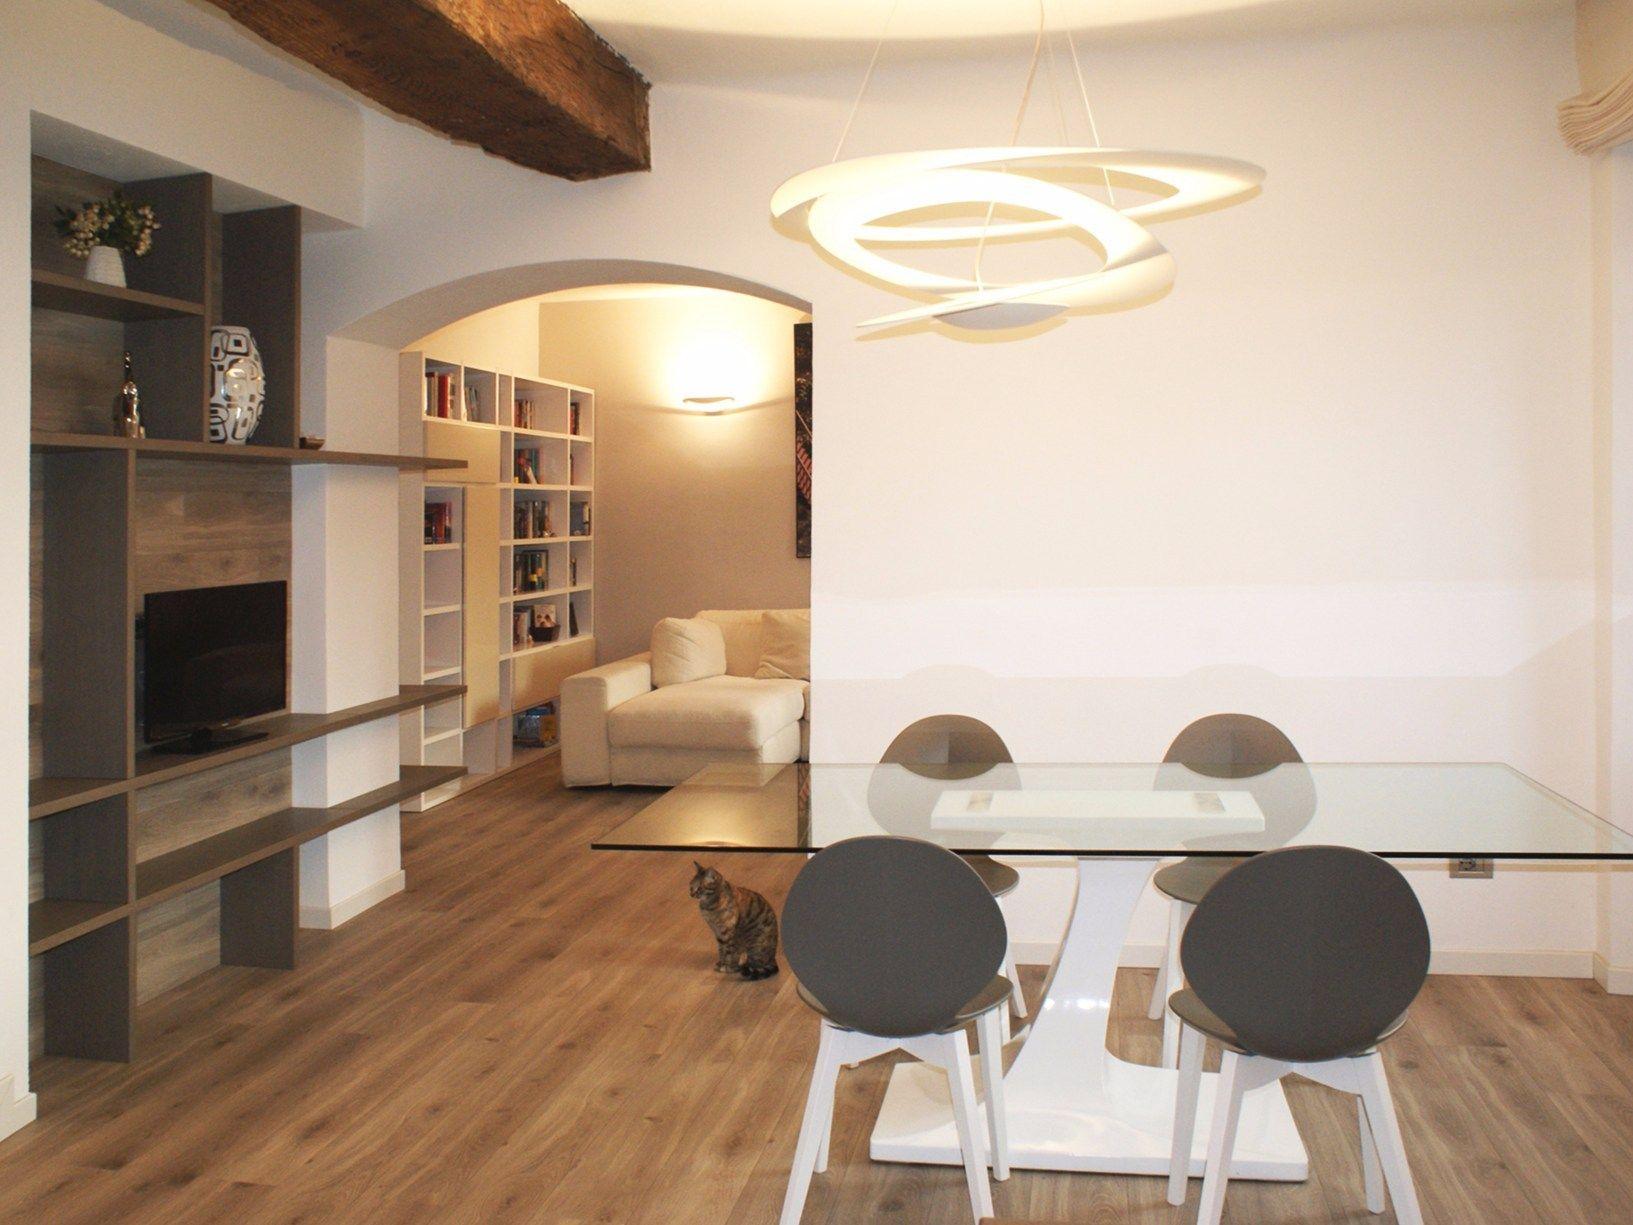 Sala Da Pranzo Rustica : Pietra rustica travi in legno nuance naturali